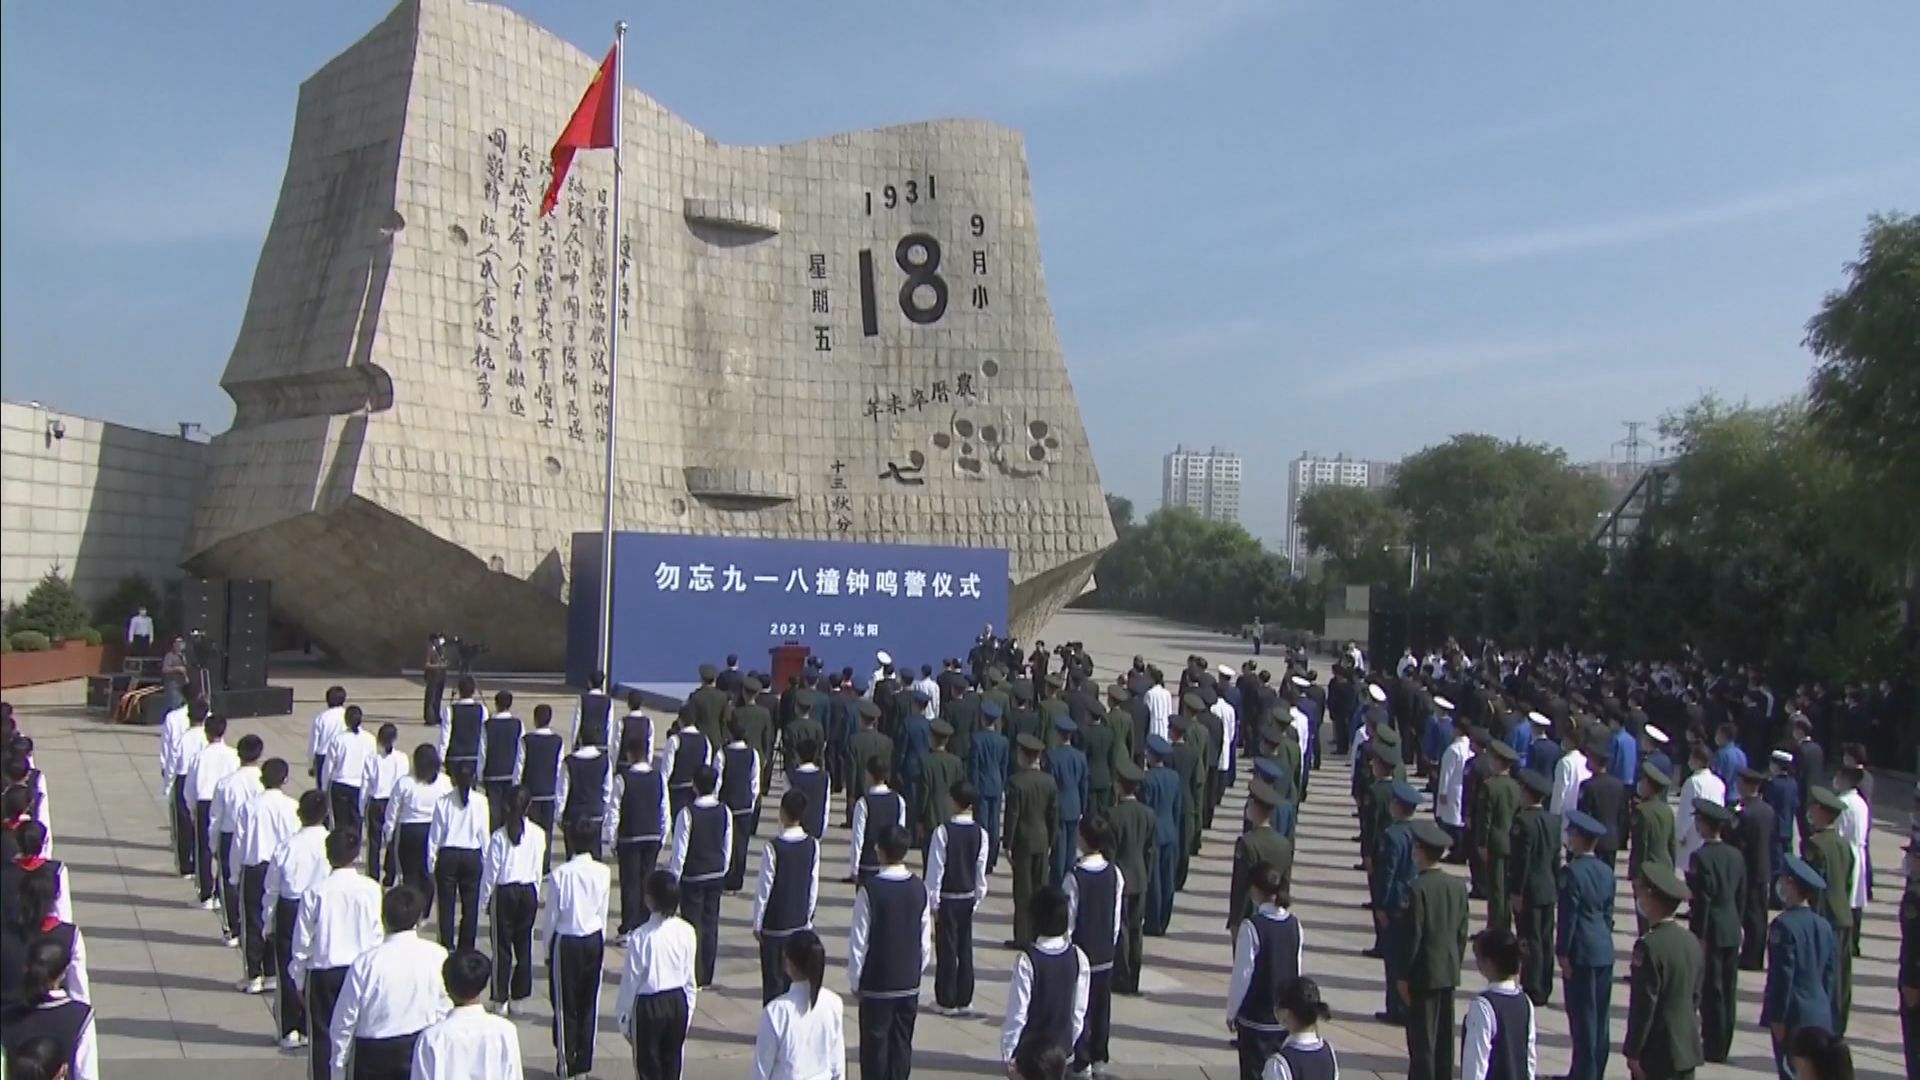 九一八事變90周年 內地多處舉行紀念活動